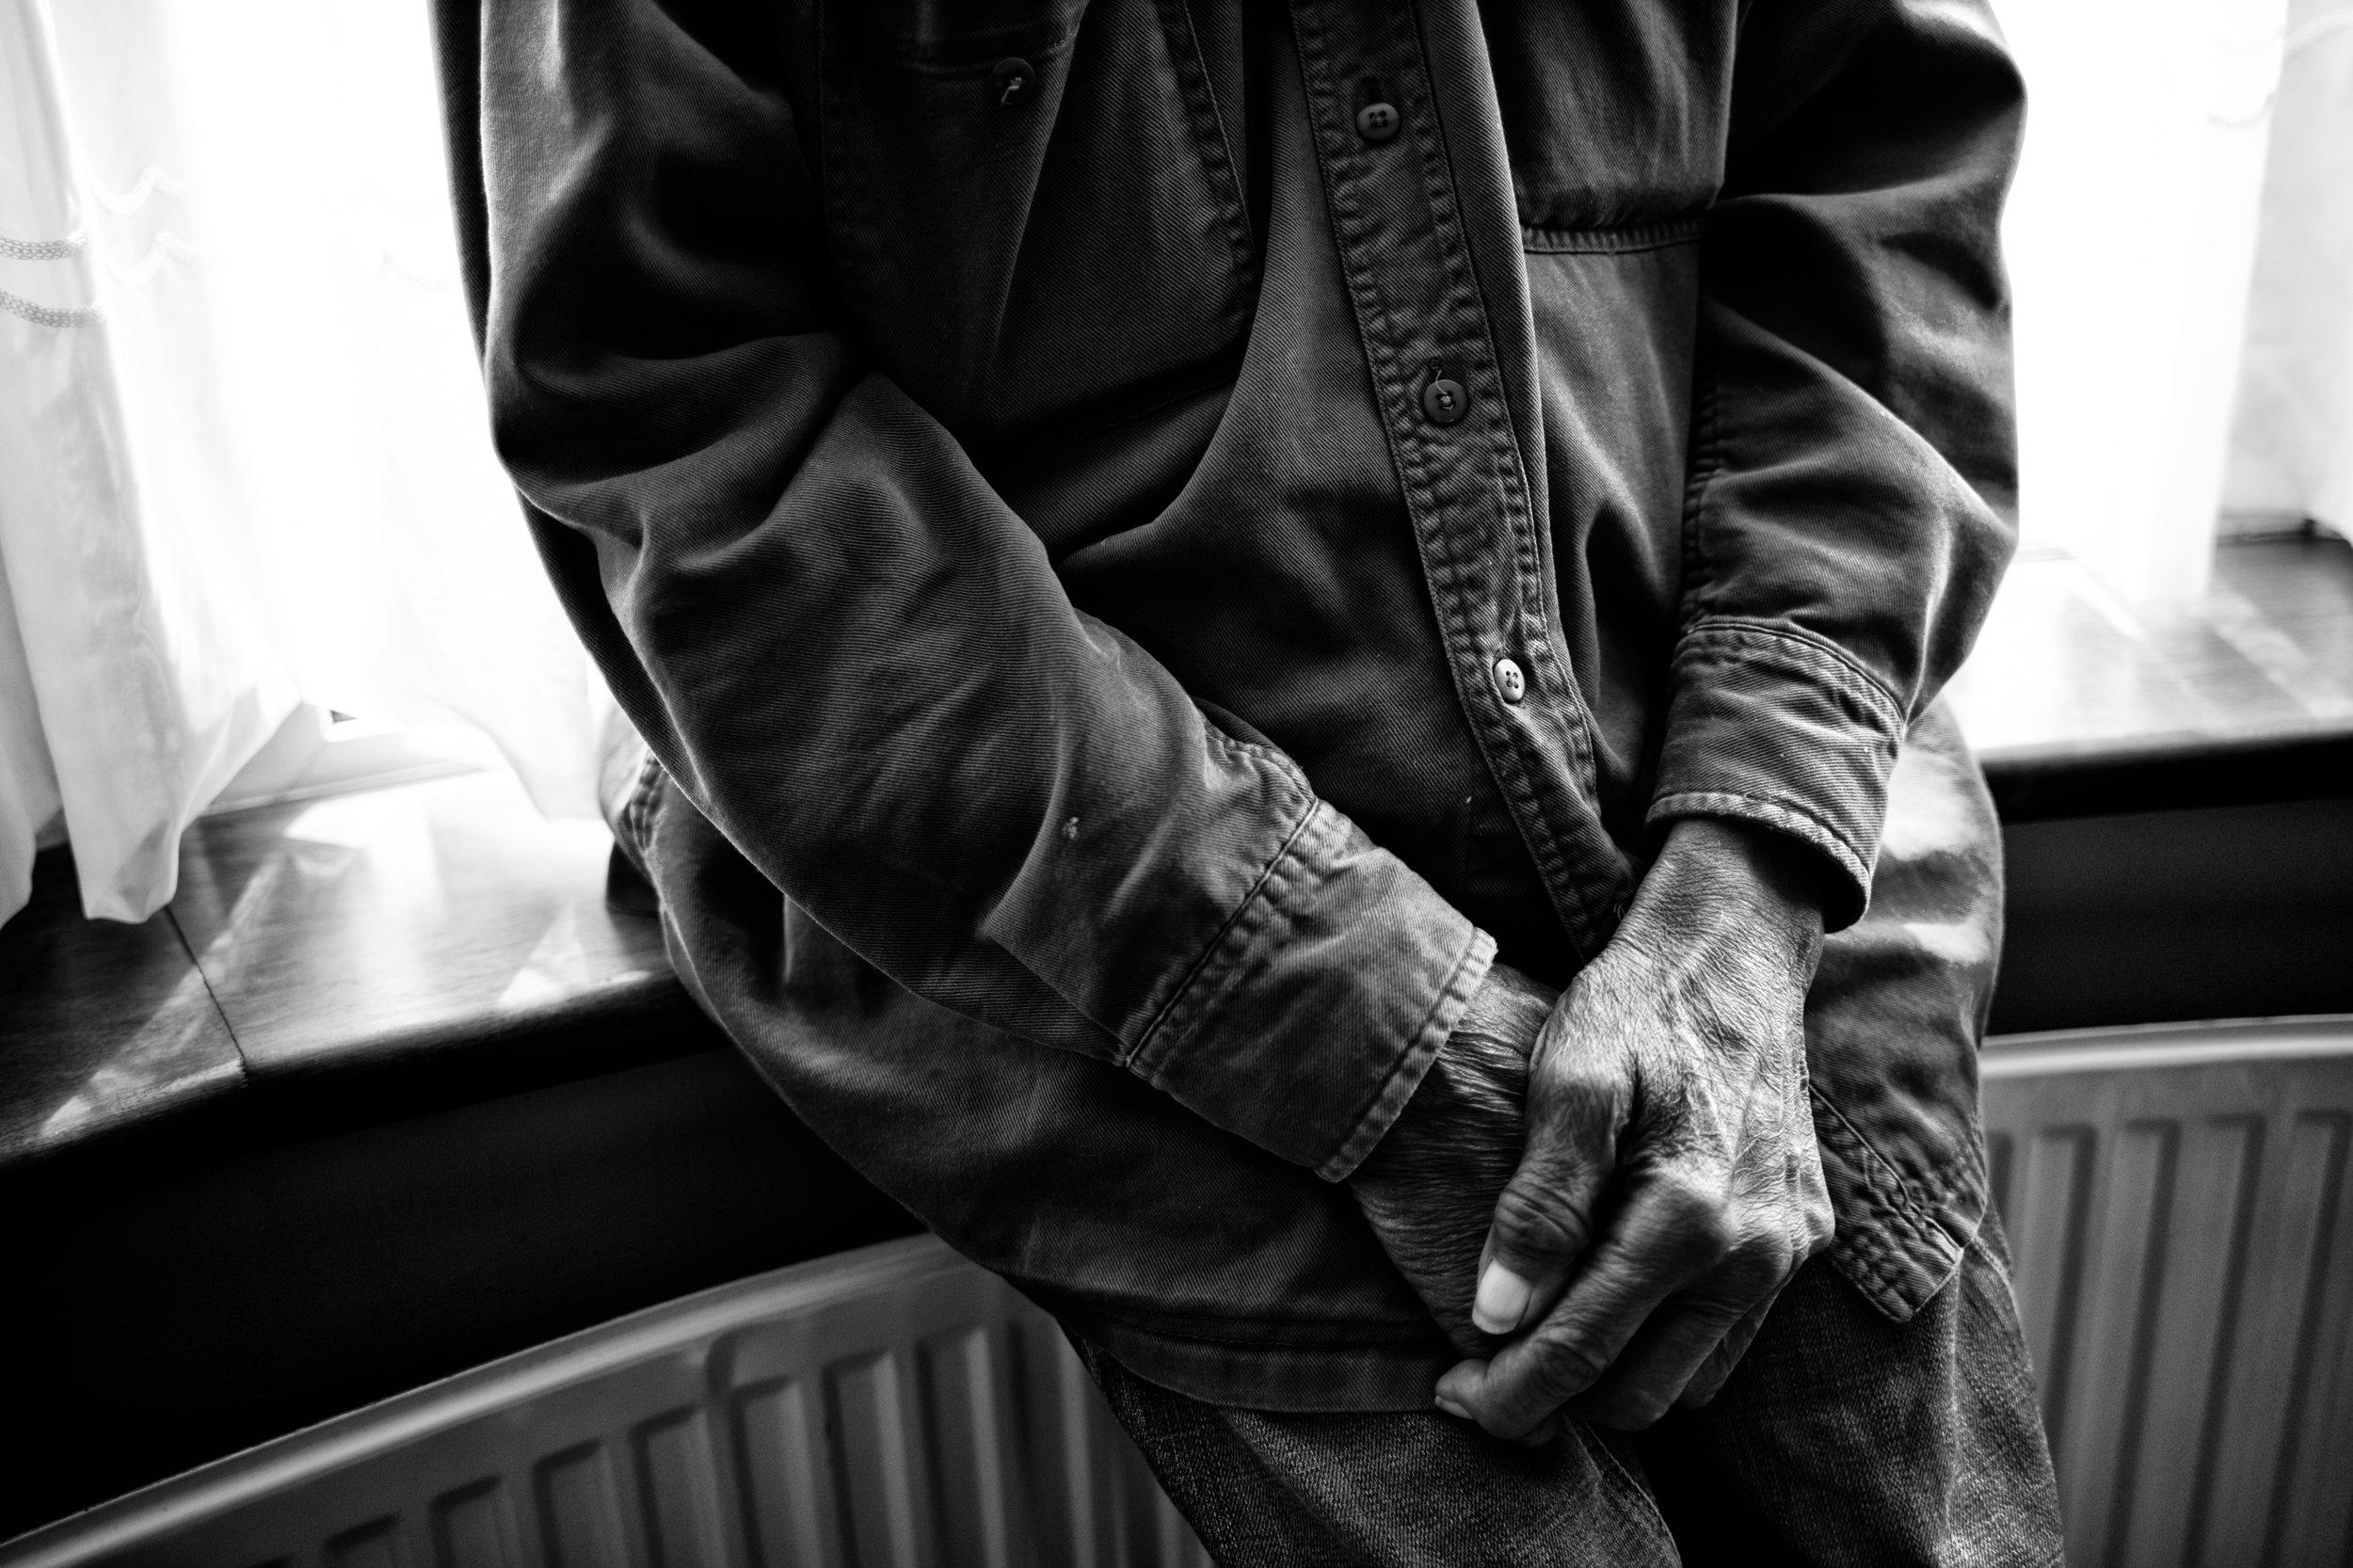 A mechanic's hands. (07.08.17)